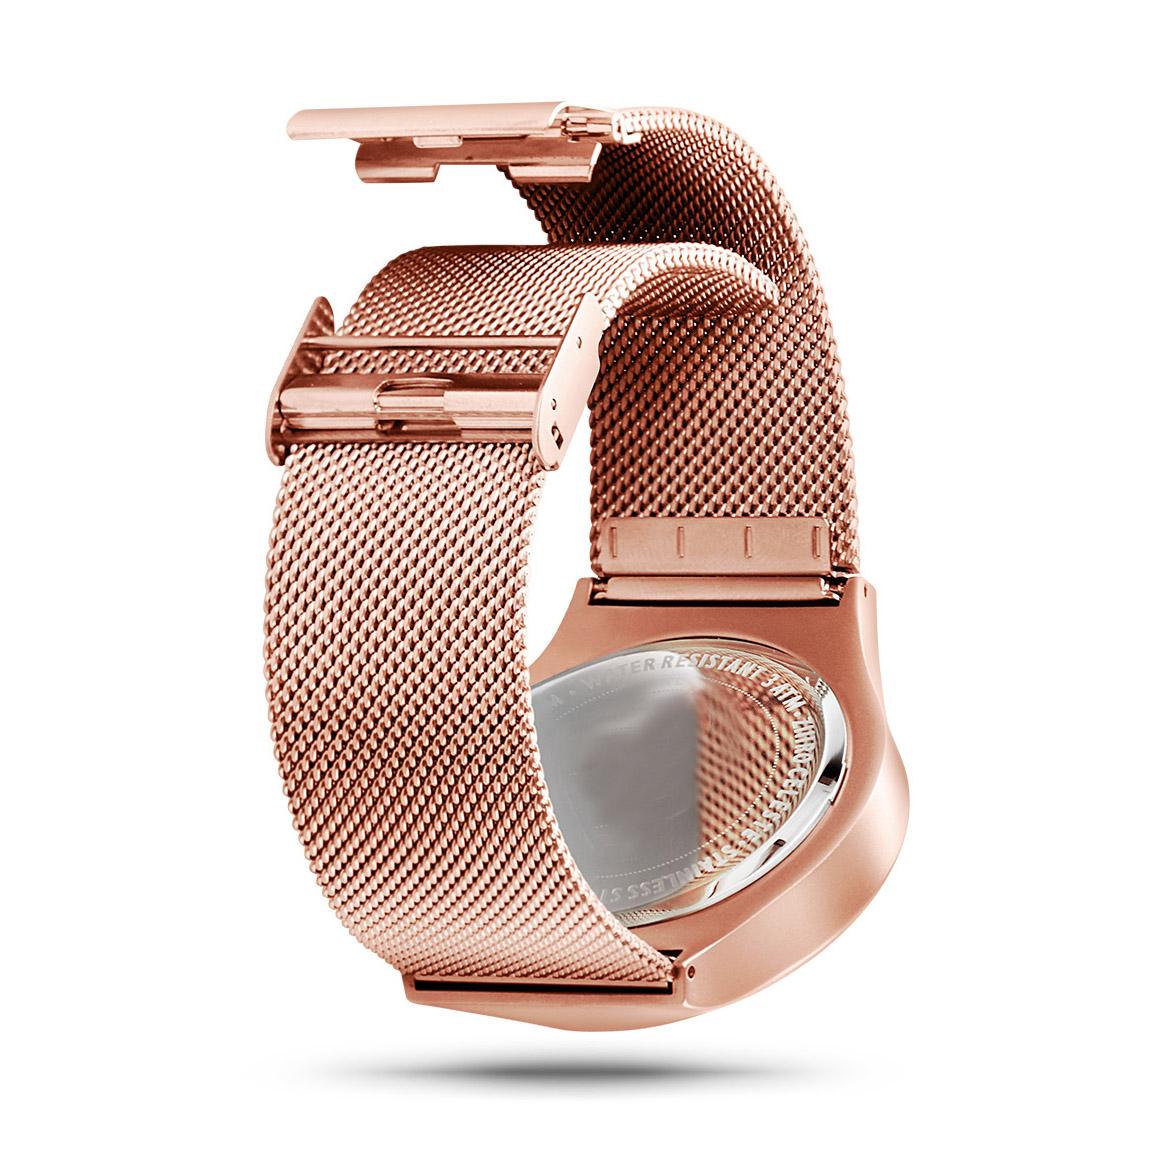 modernus moteriskas laikrodis  dovanos moterims merginai panelei siuolaikiskas modernus isskirtinis unikalus orginalus moteriskas laikrodis sportiska101